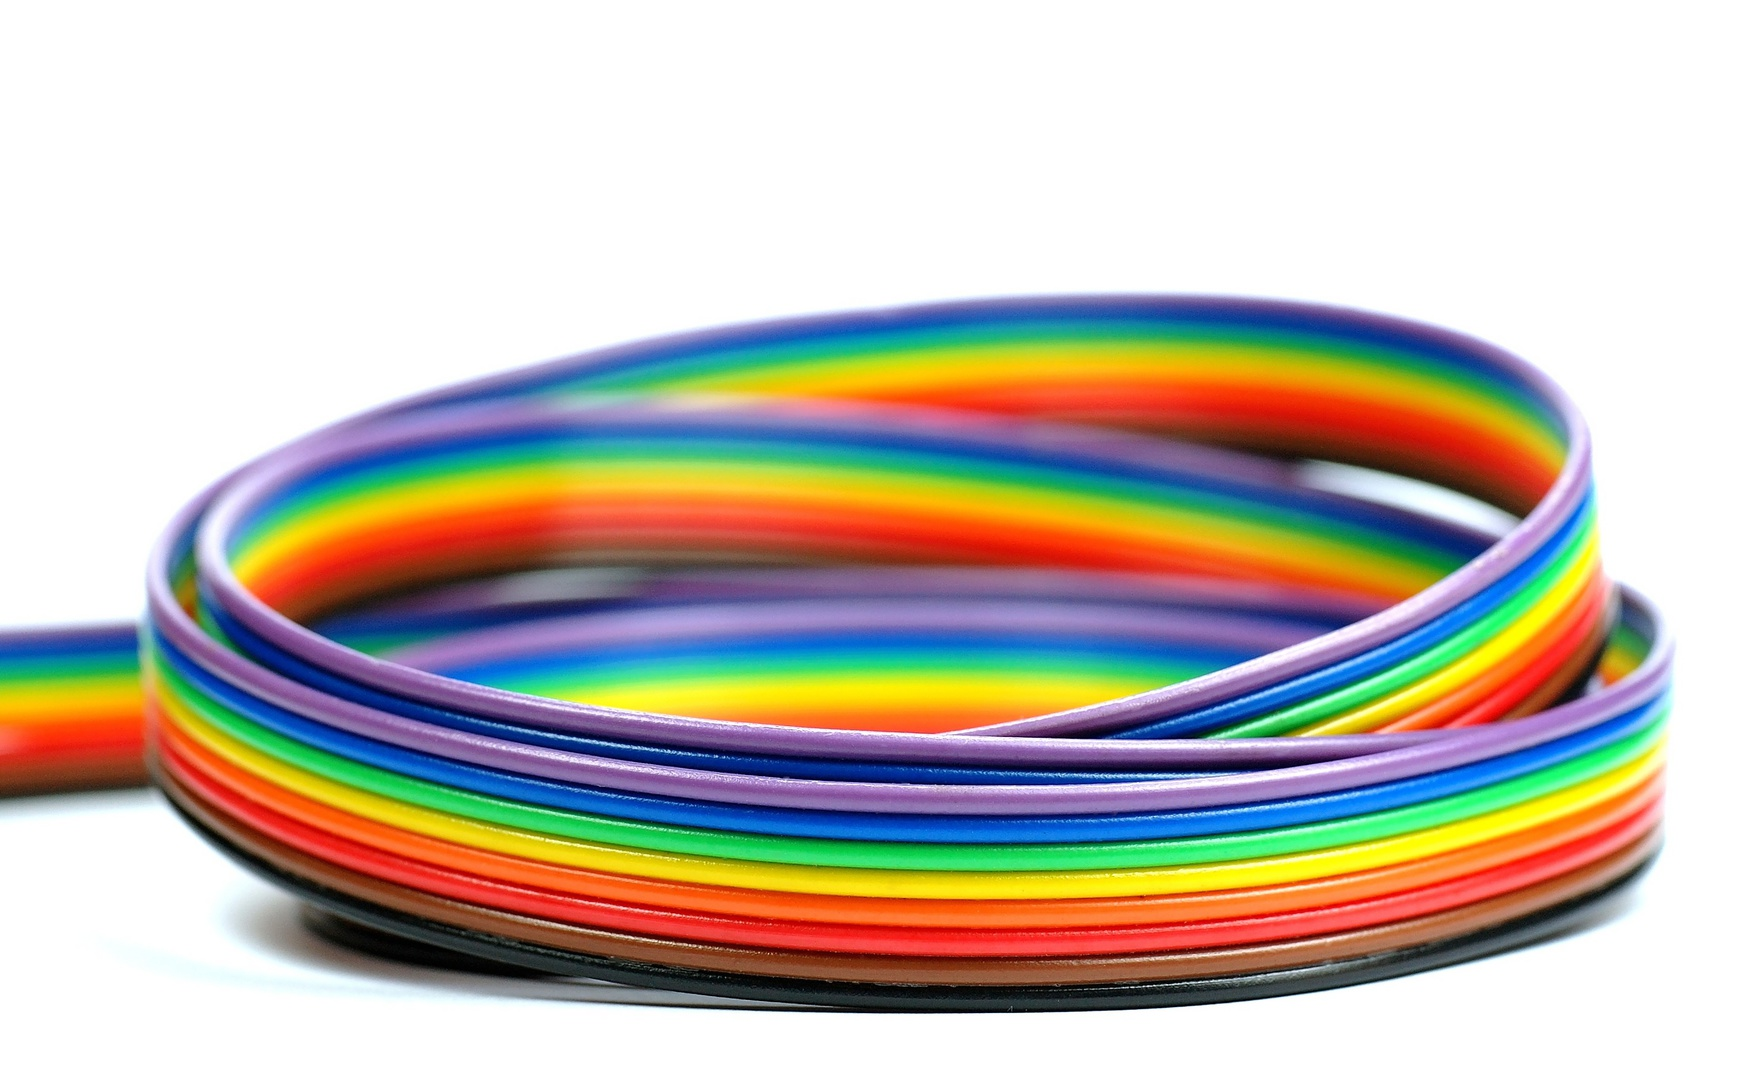 câbles de couleur